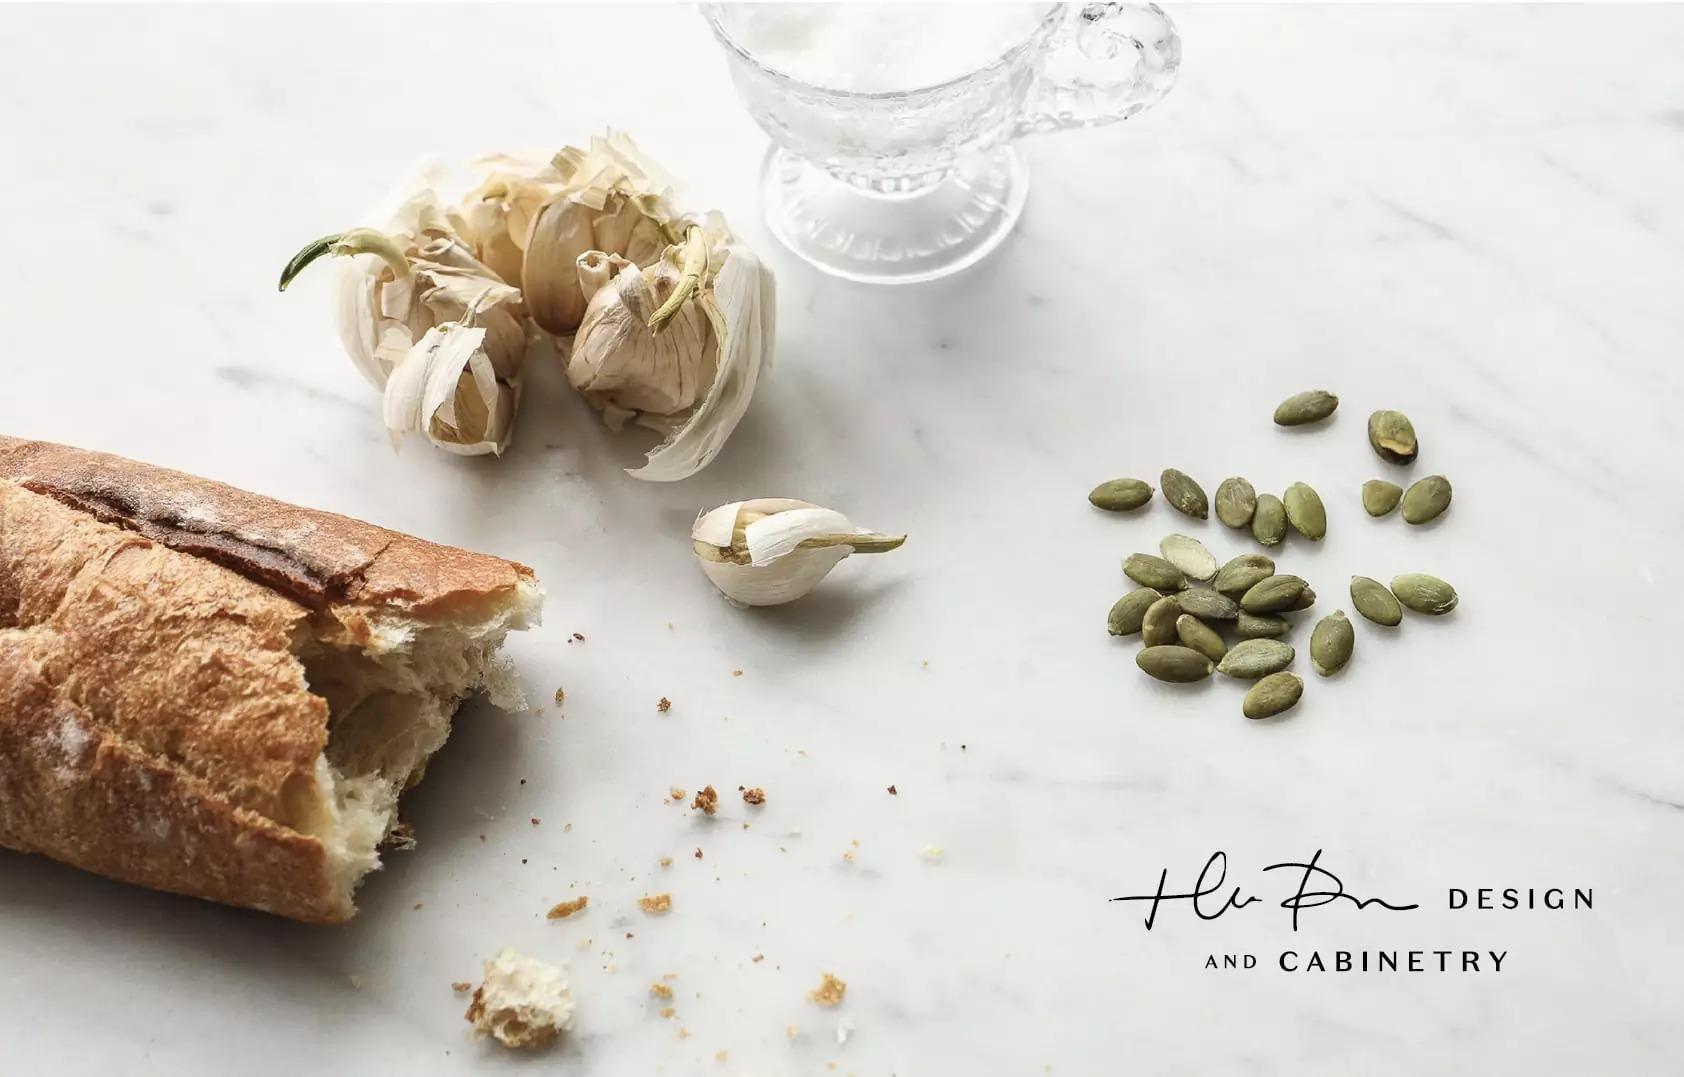 厨房设计和空间定制品牌Heidi Piron视觉形象设计